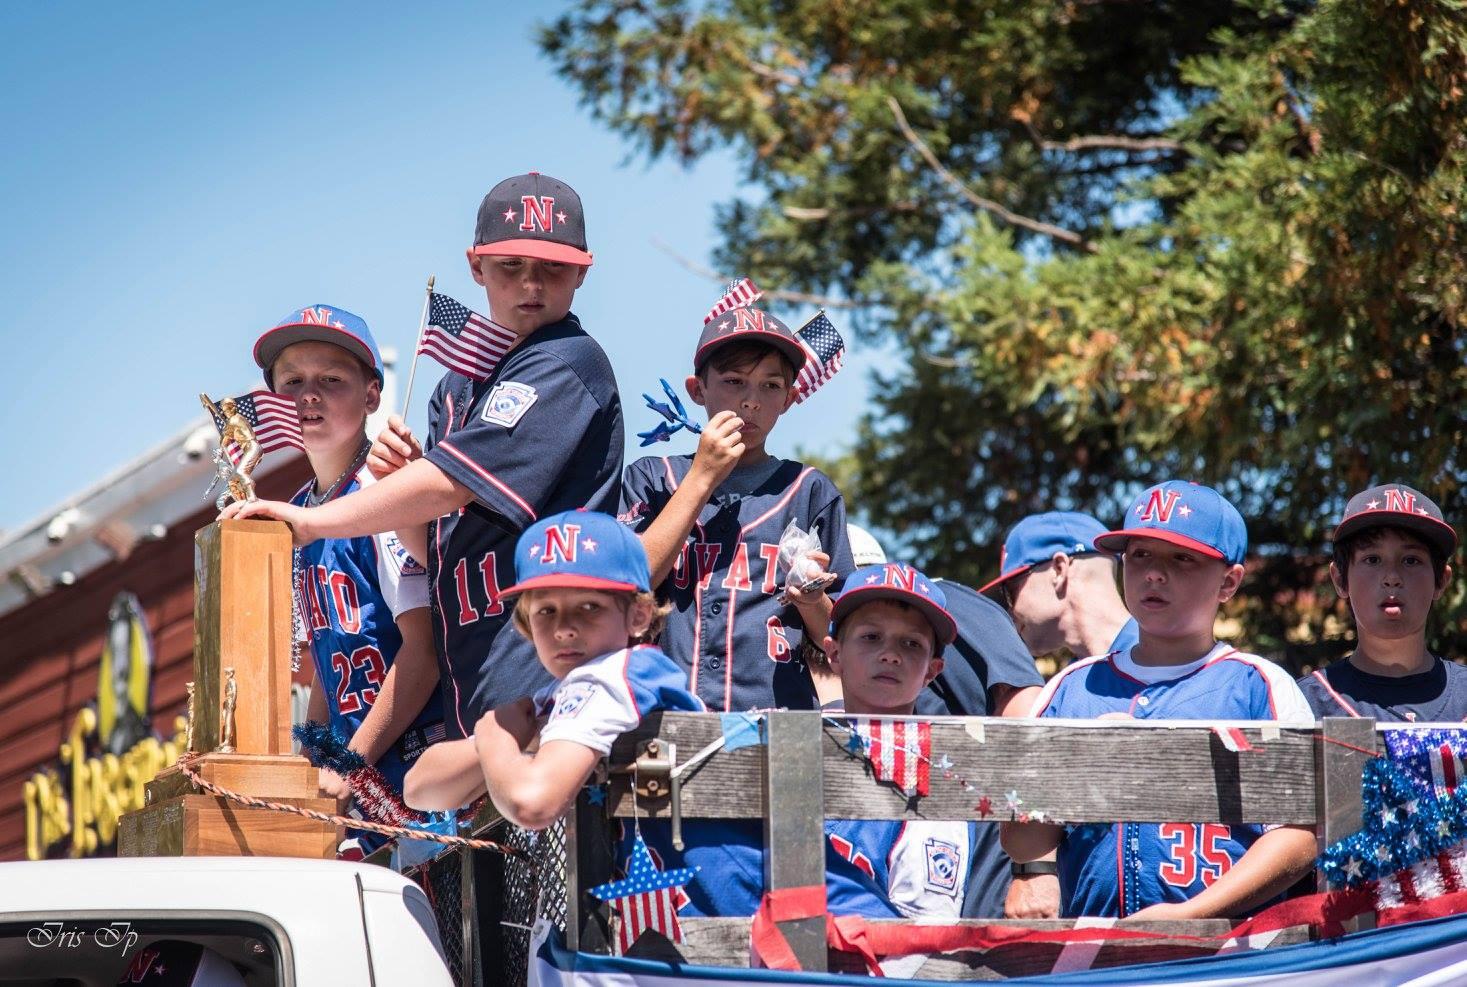 Little League Parade - April